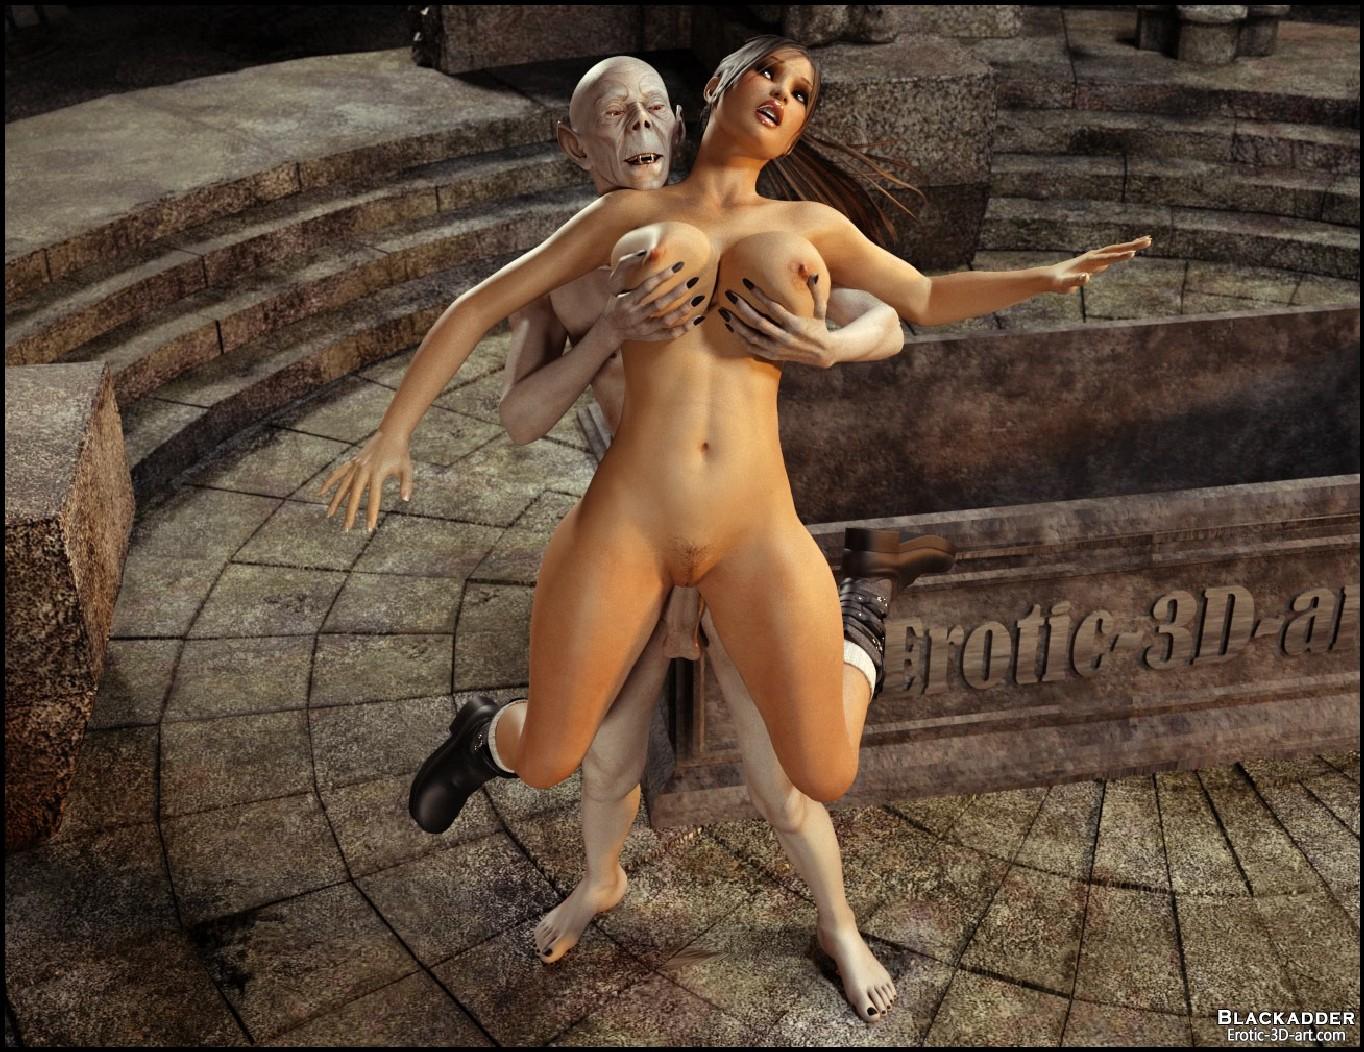 Лара крофт эротическкая игриа онлайн фото 393-425